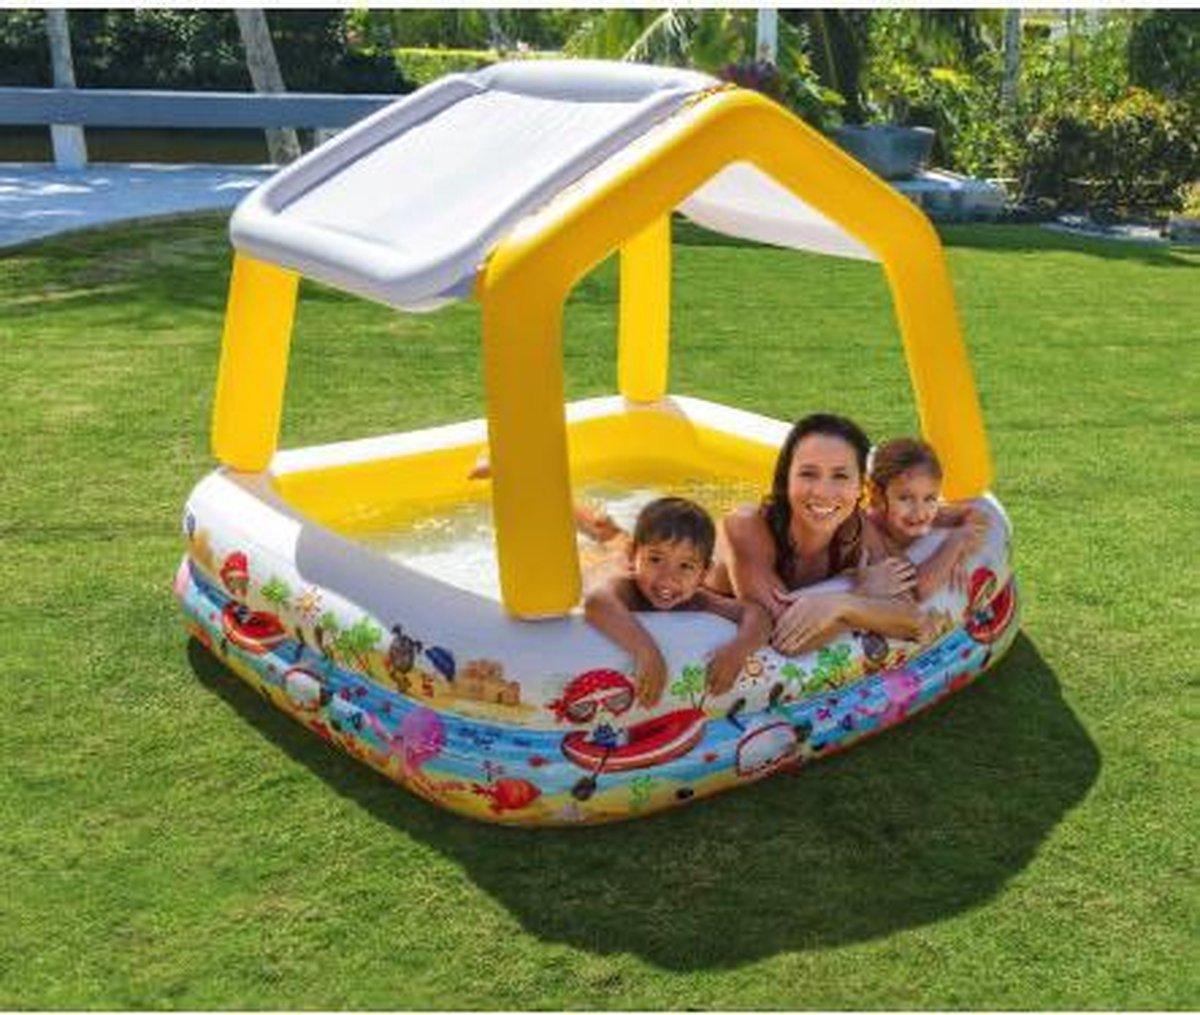 Opblaasbaar zwembad peuterbad met bescherming tegen de zon 157 x 122 x 157 cm